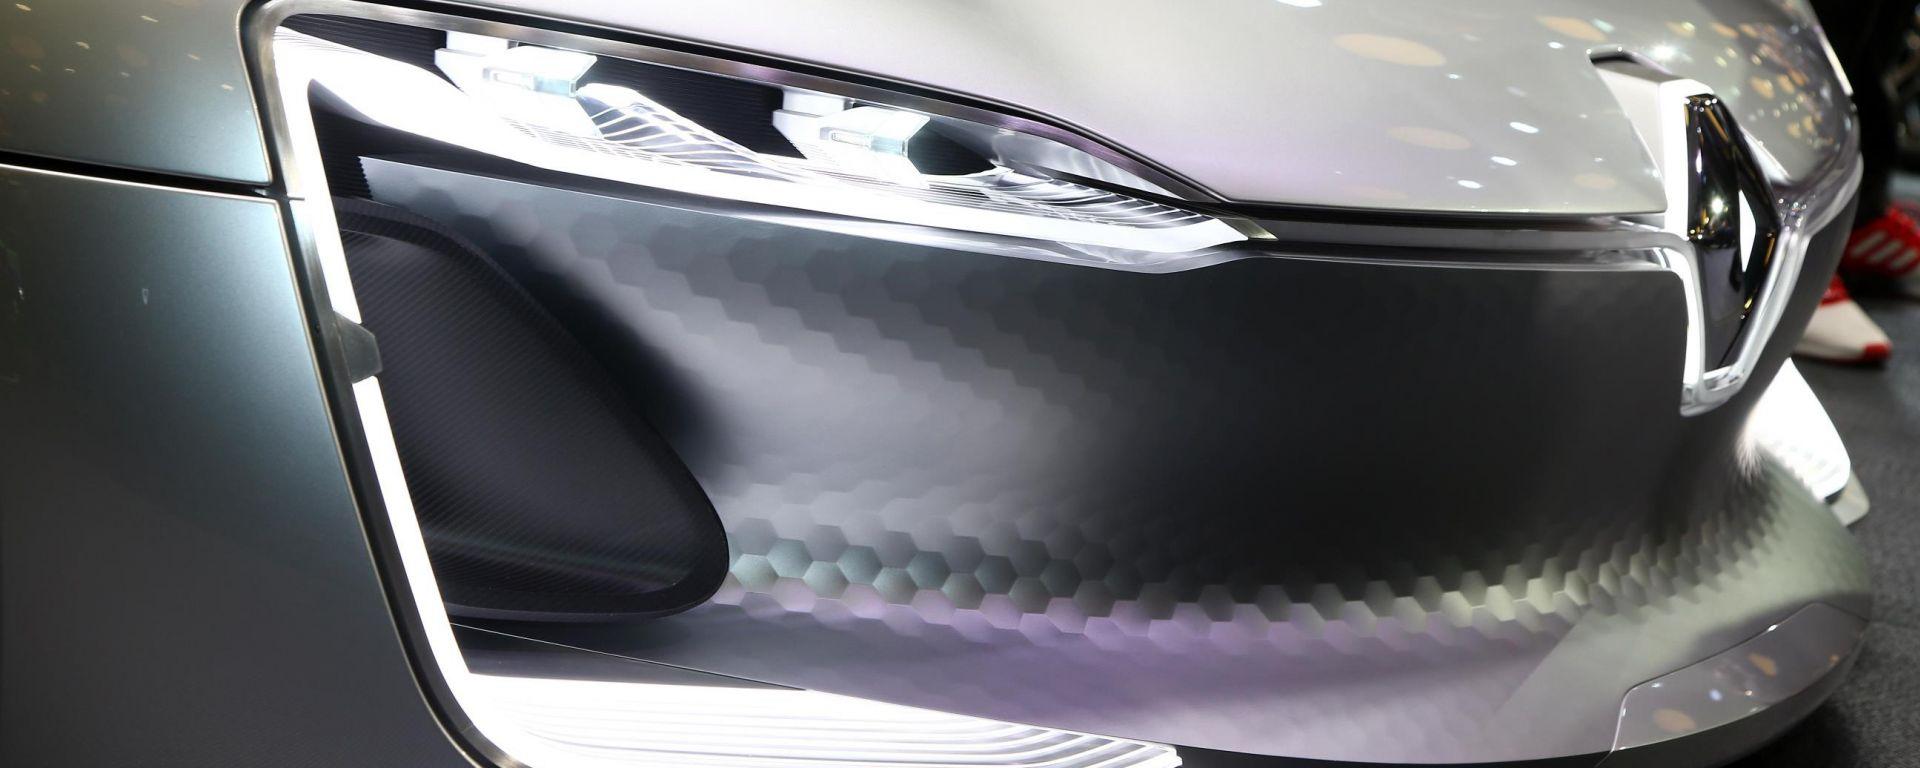 Renault Trezor prefigura il nuovo corso stilistico Renault